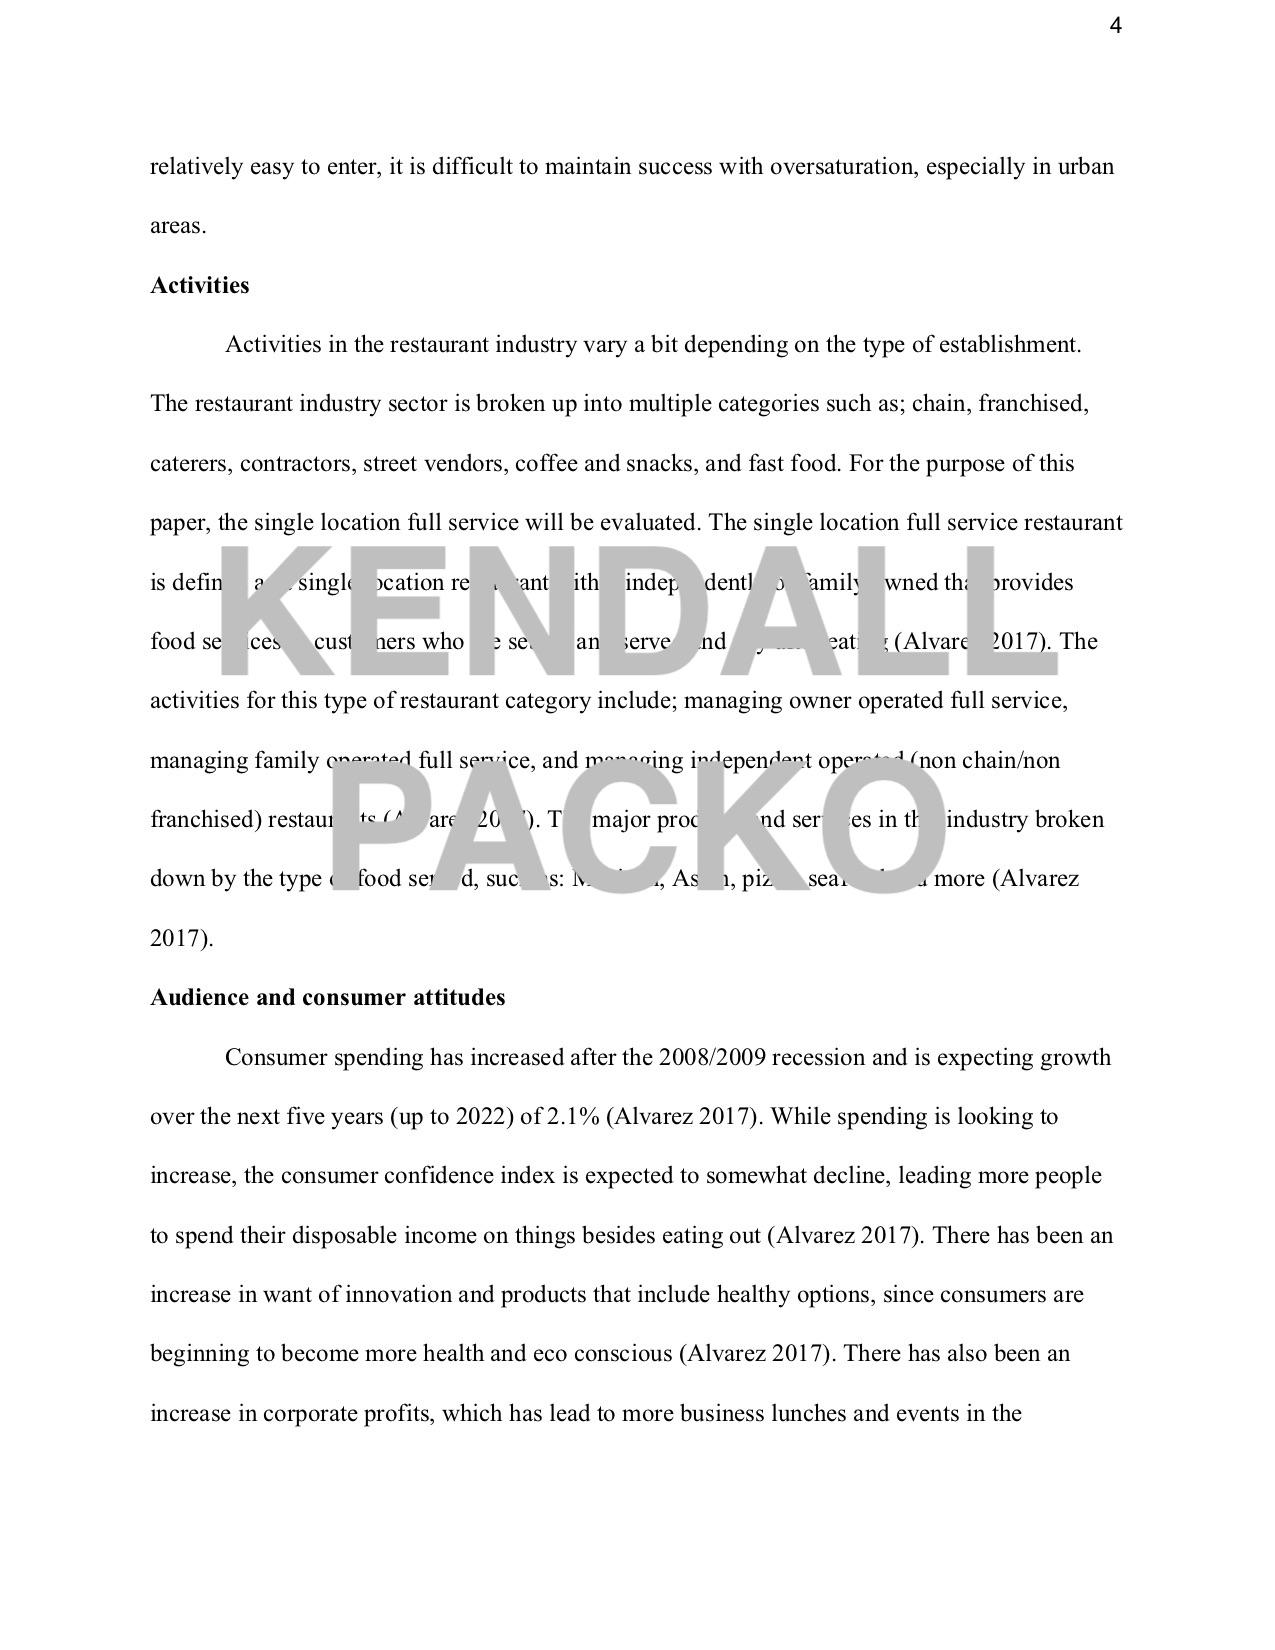 capstone_ white paper (paper)-4 WATERMARK.jpg